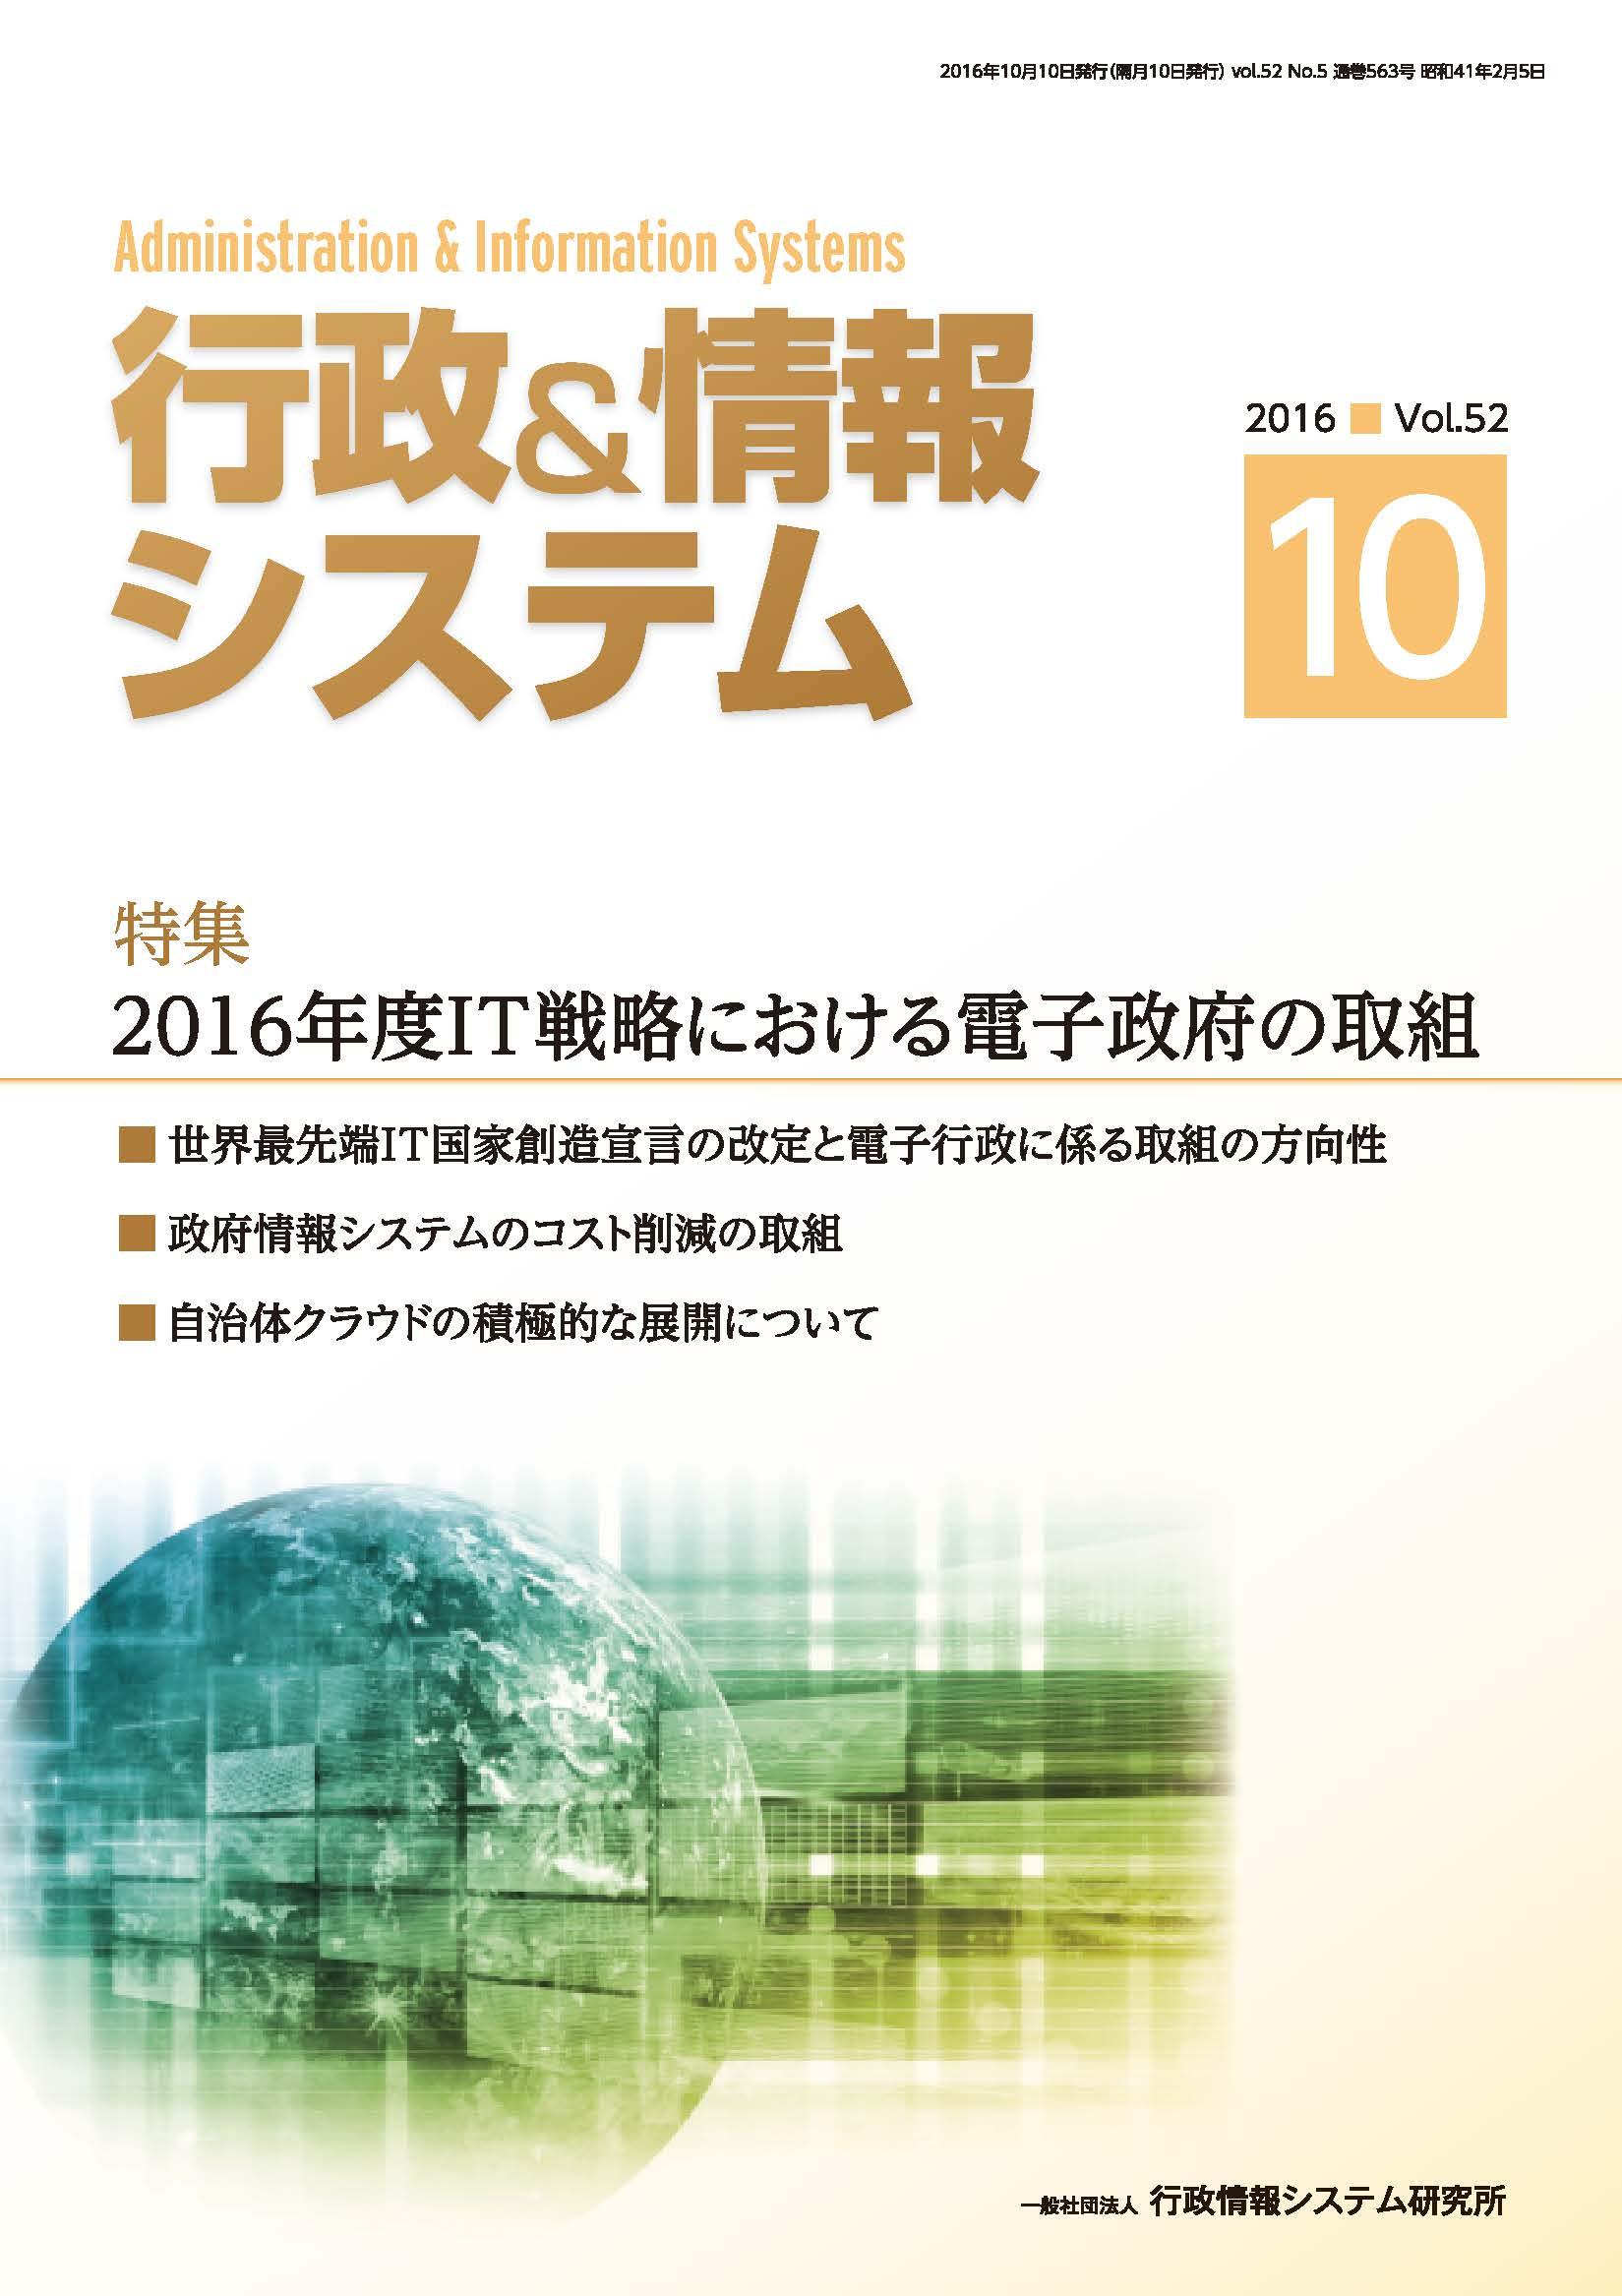 2016年刊行分 10月号